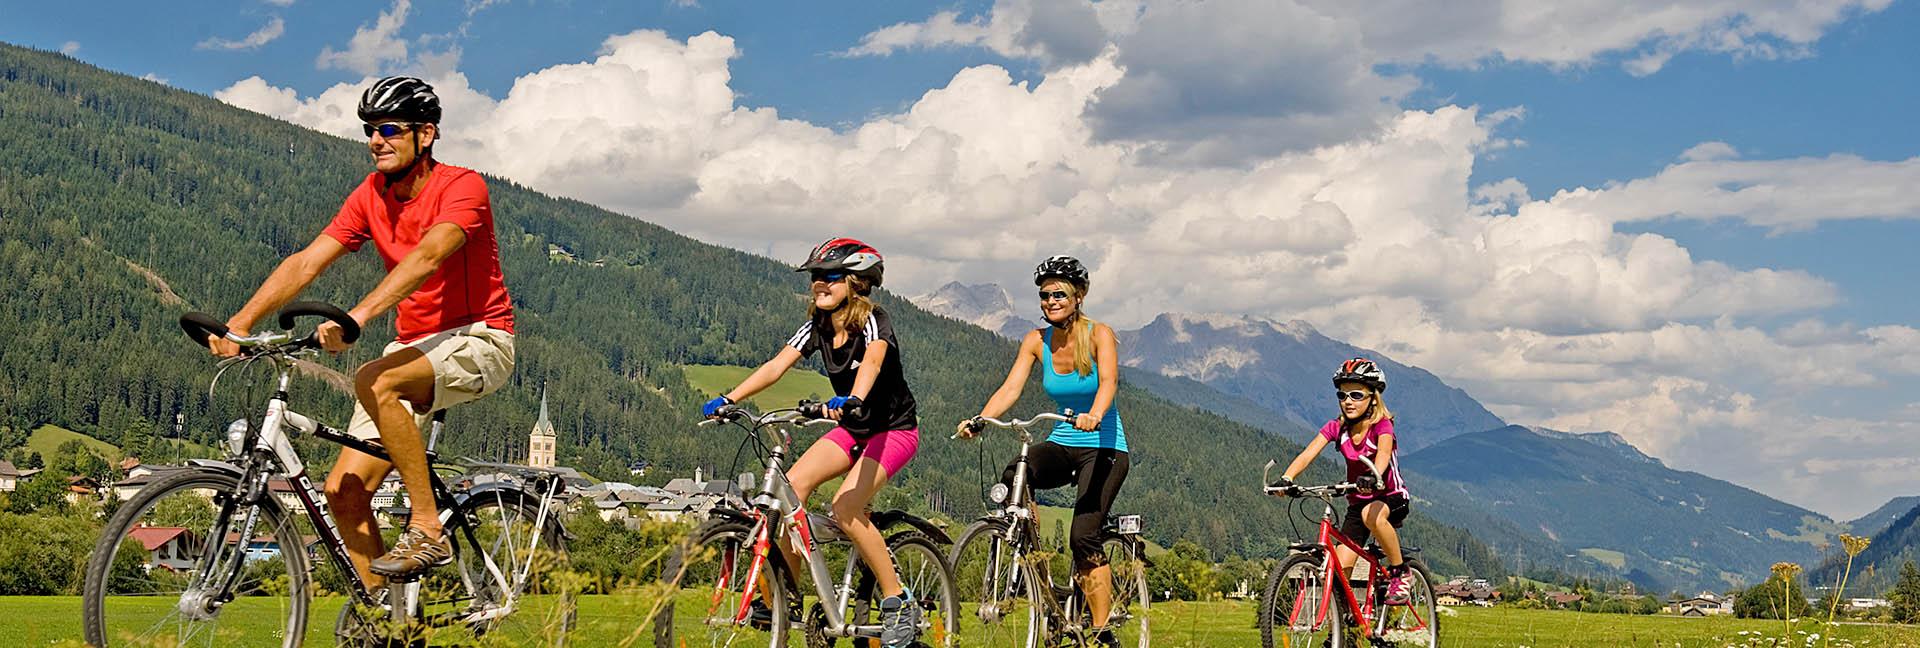 Radfahren & Mountainbiken, Radstadt, Salzburger Land